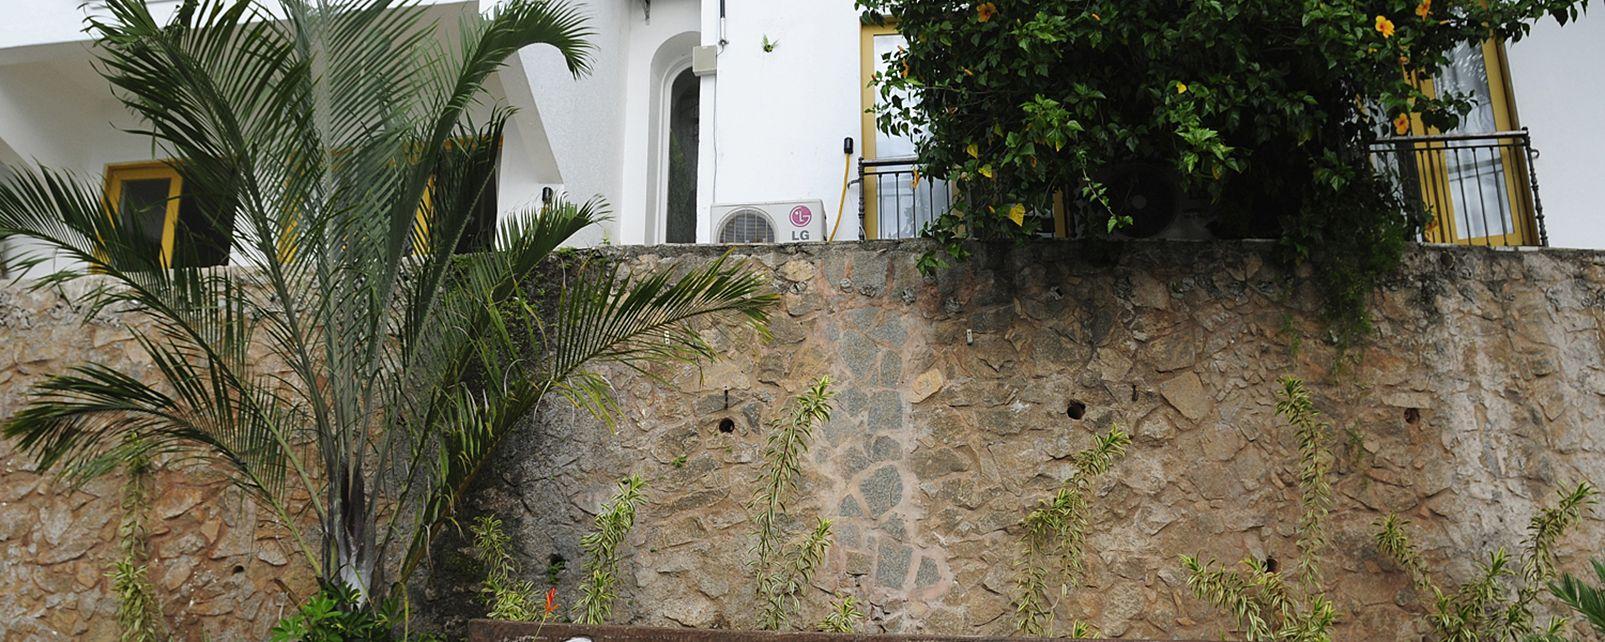 Hotel Casas Brancas